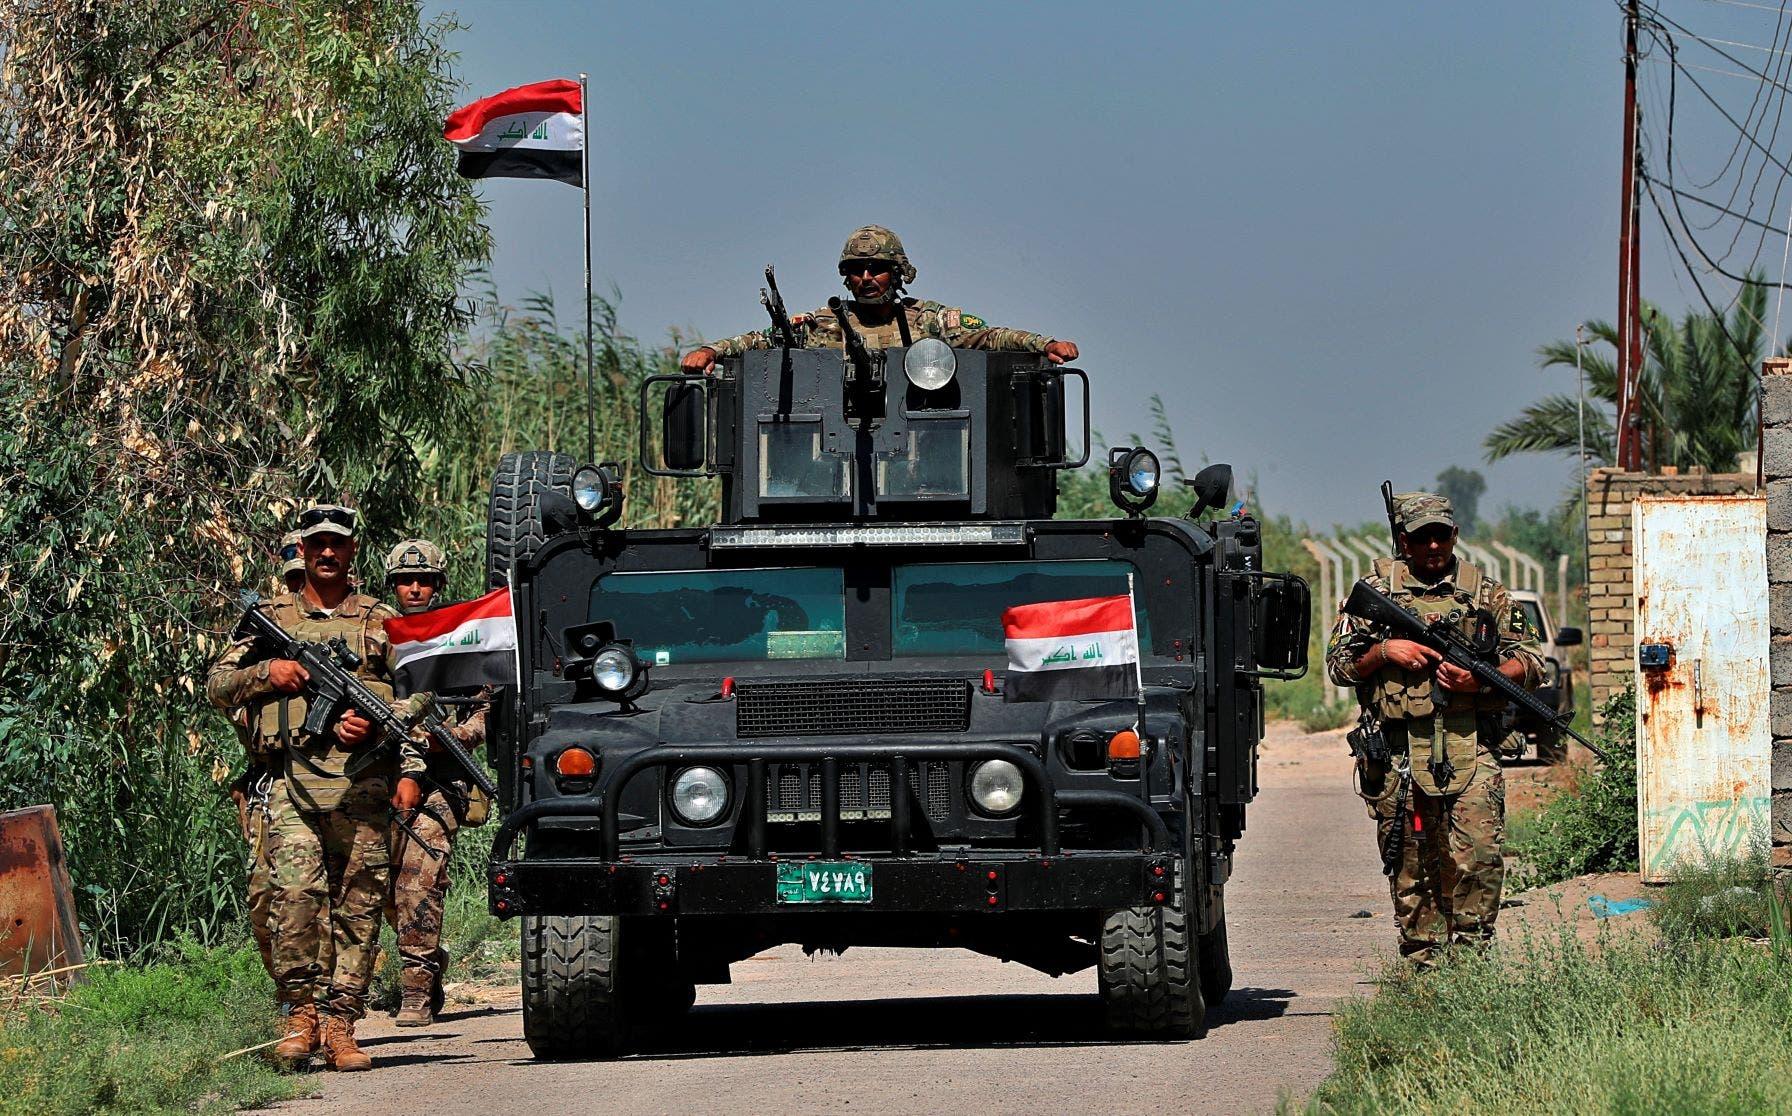 قوات عراقية في حملة ضد داعش(أسوشيتد برس)